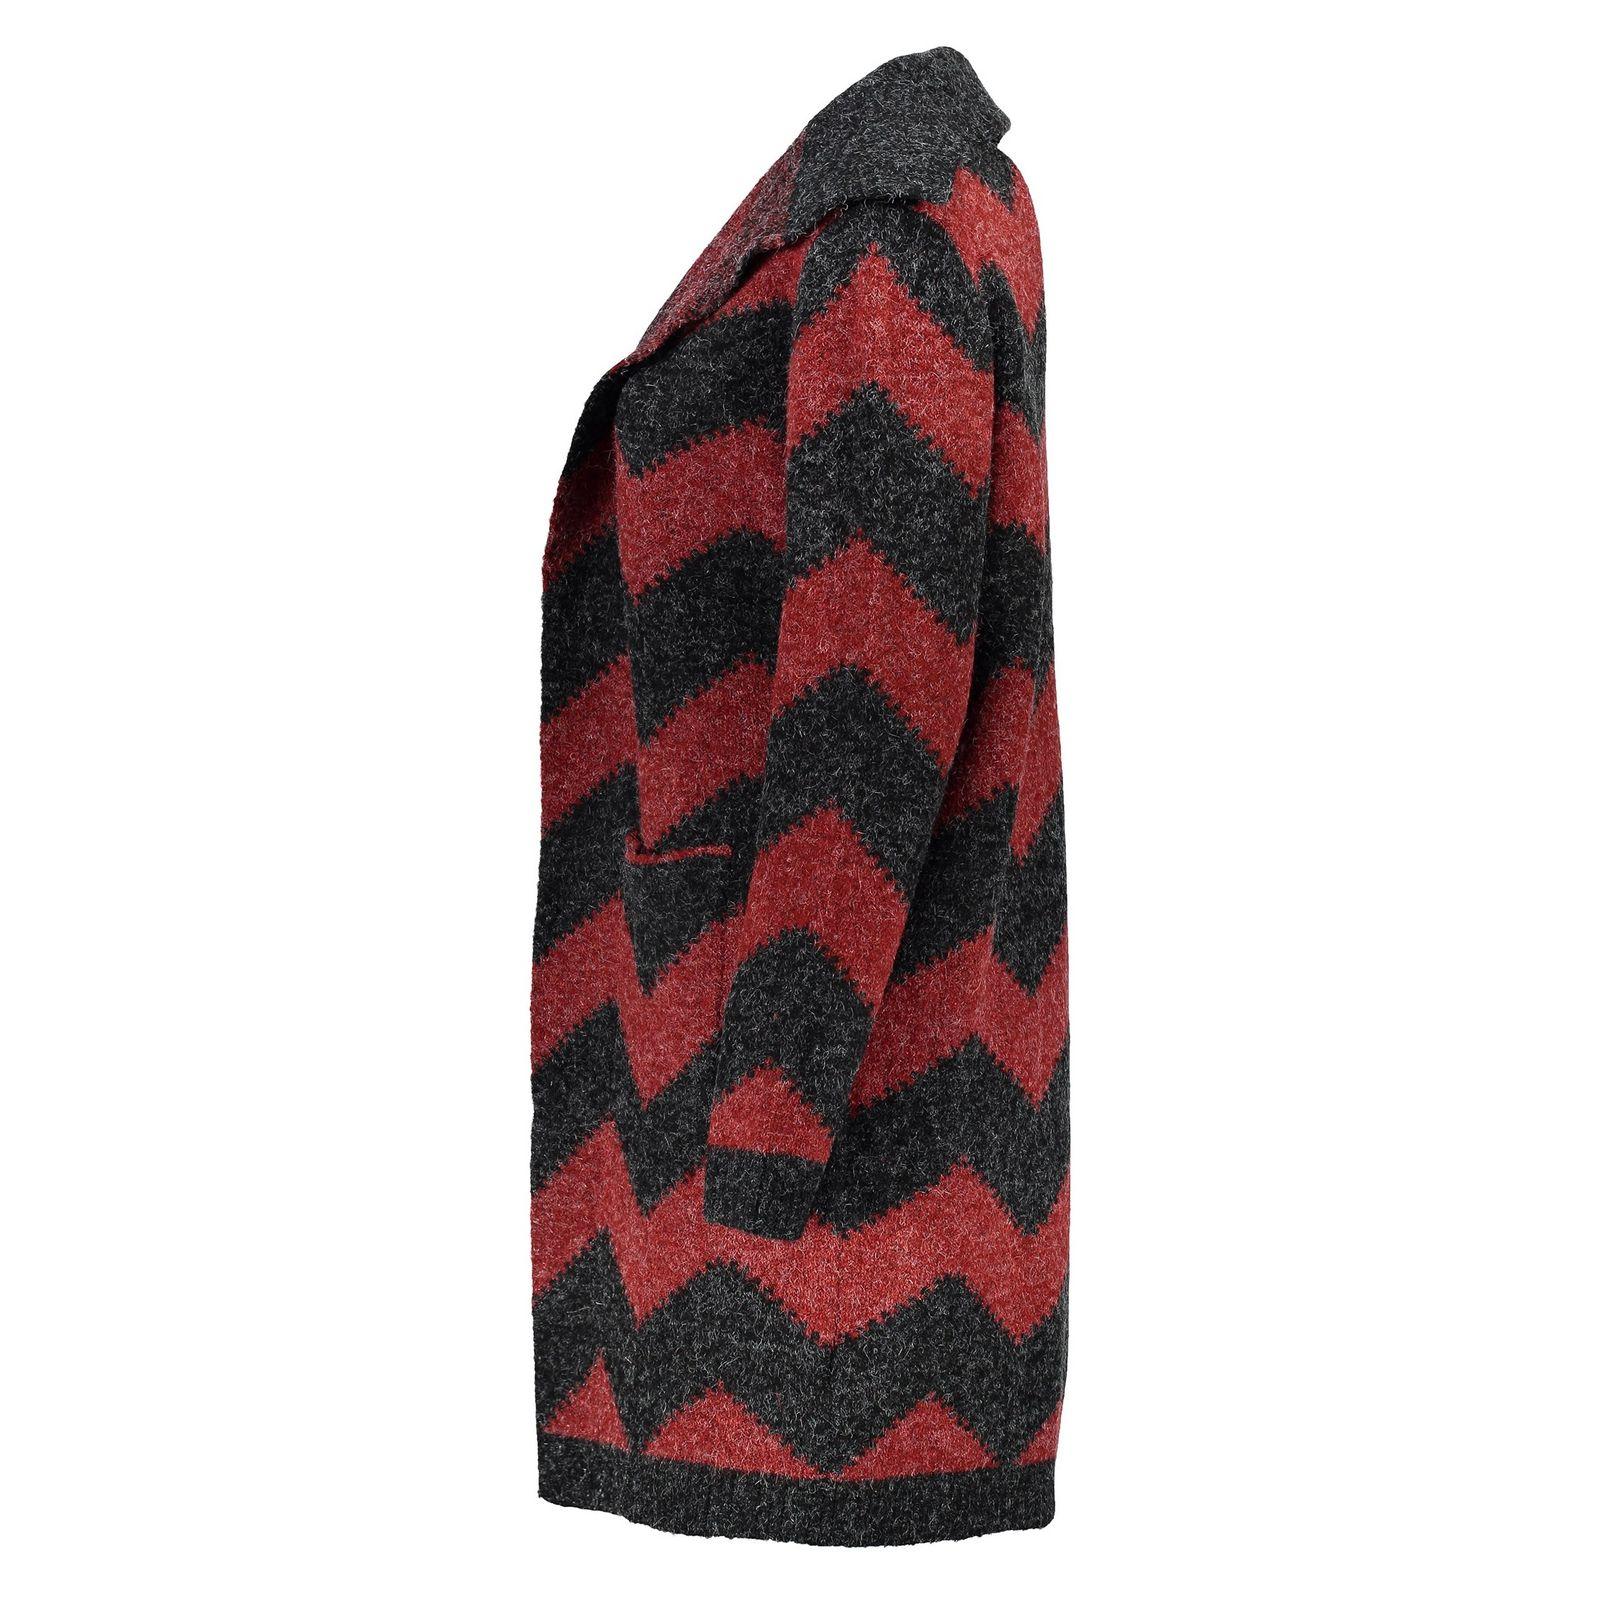 رویه بافت زنانه - اونلی - قرمز و زغالي - 3